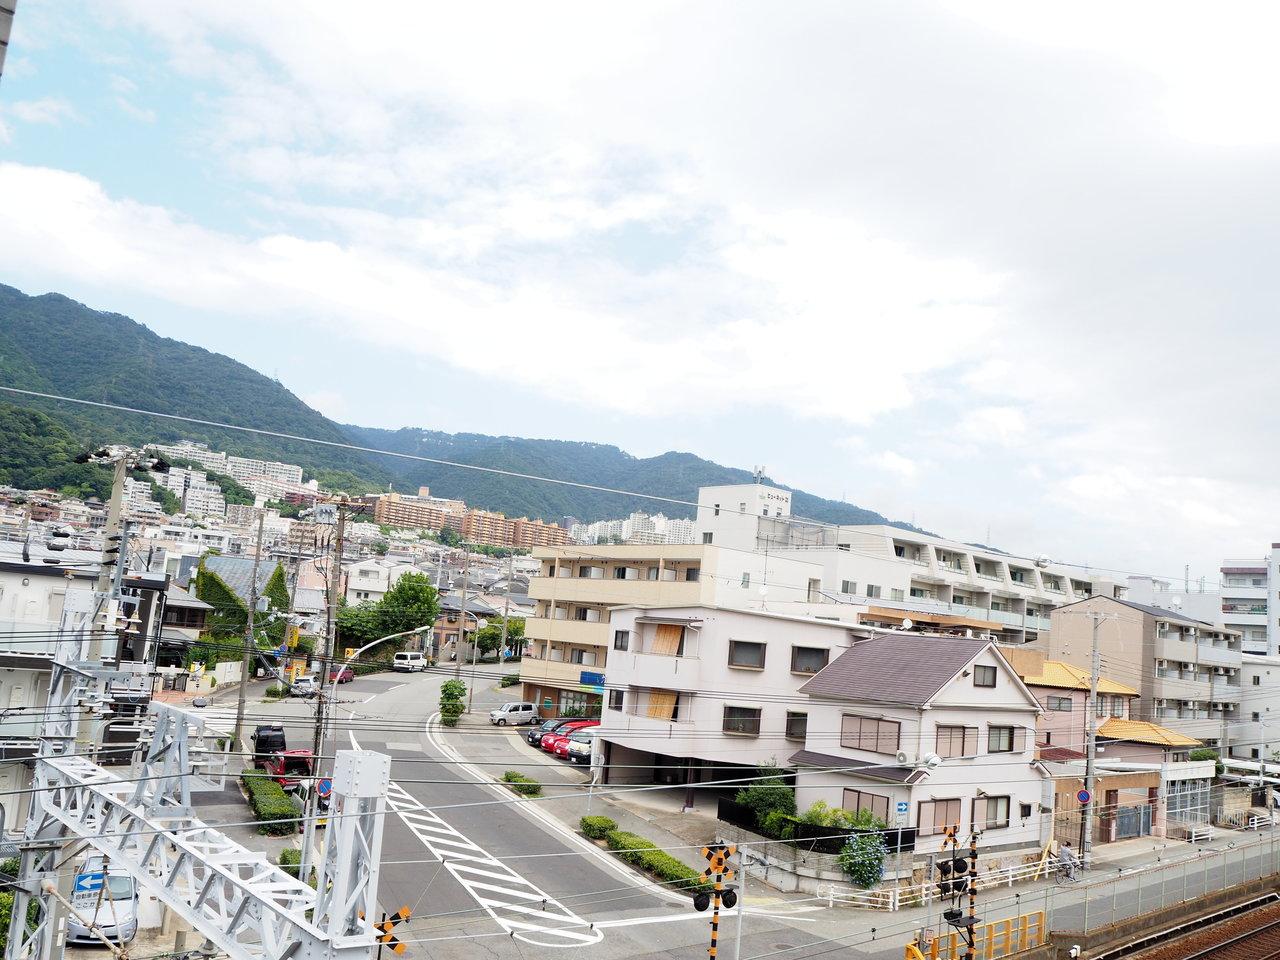 そしてなんといってもこの眺望!六甲山をすぐそばに感じることができるんです。自然が近くにあるって、いいですね。